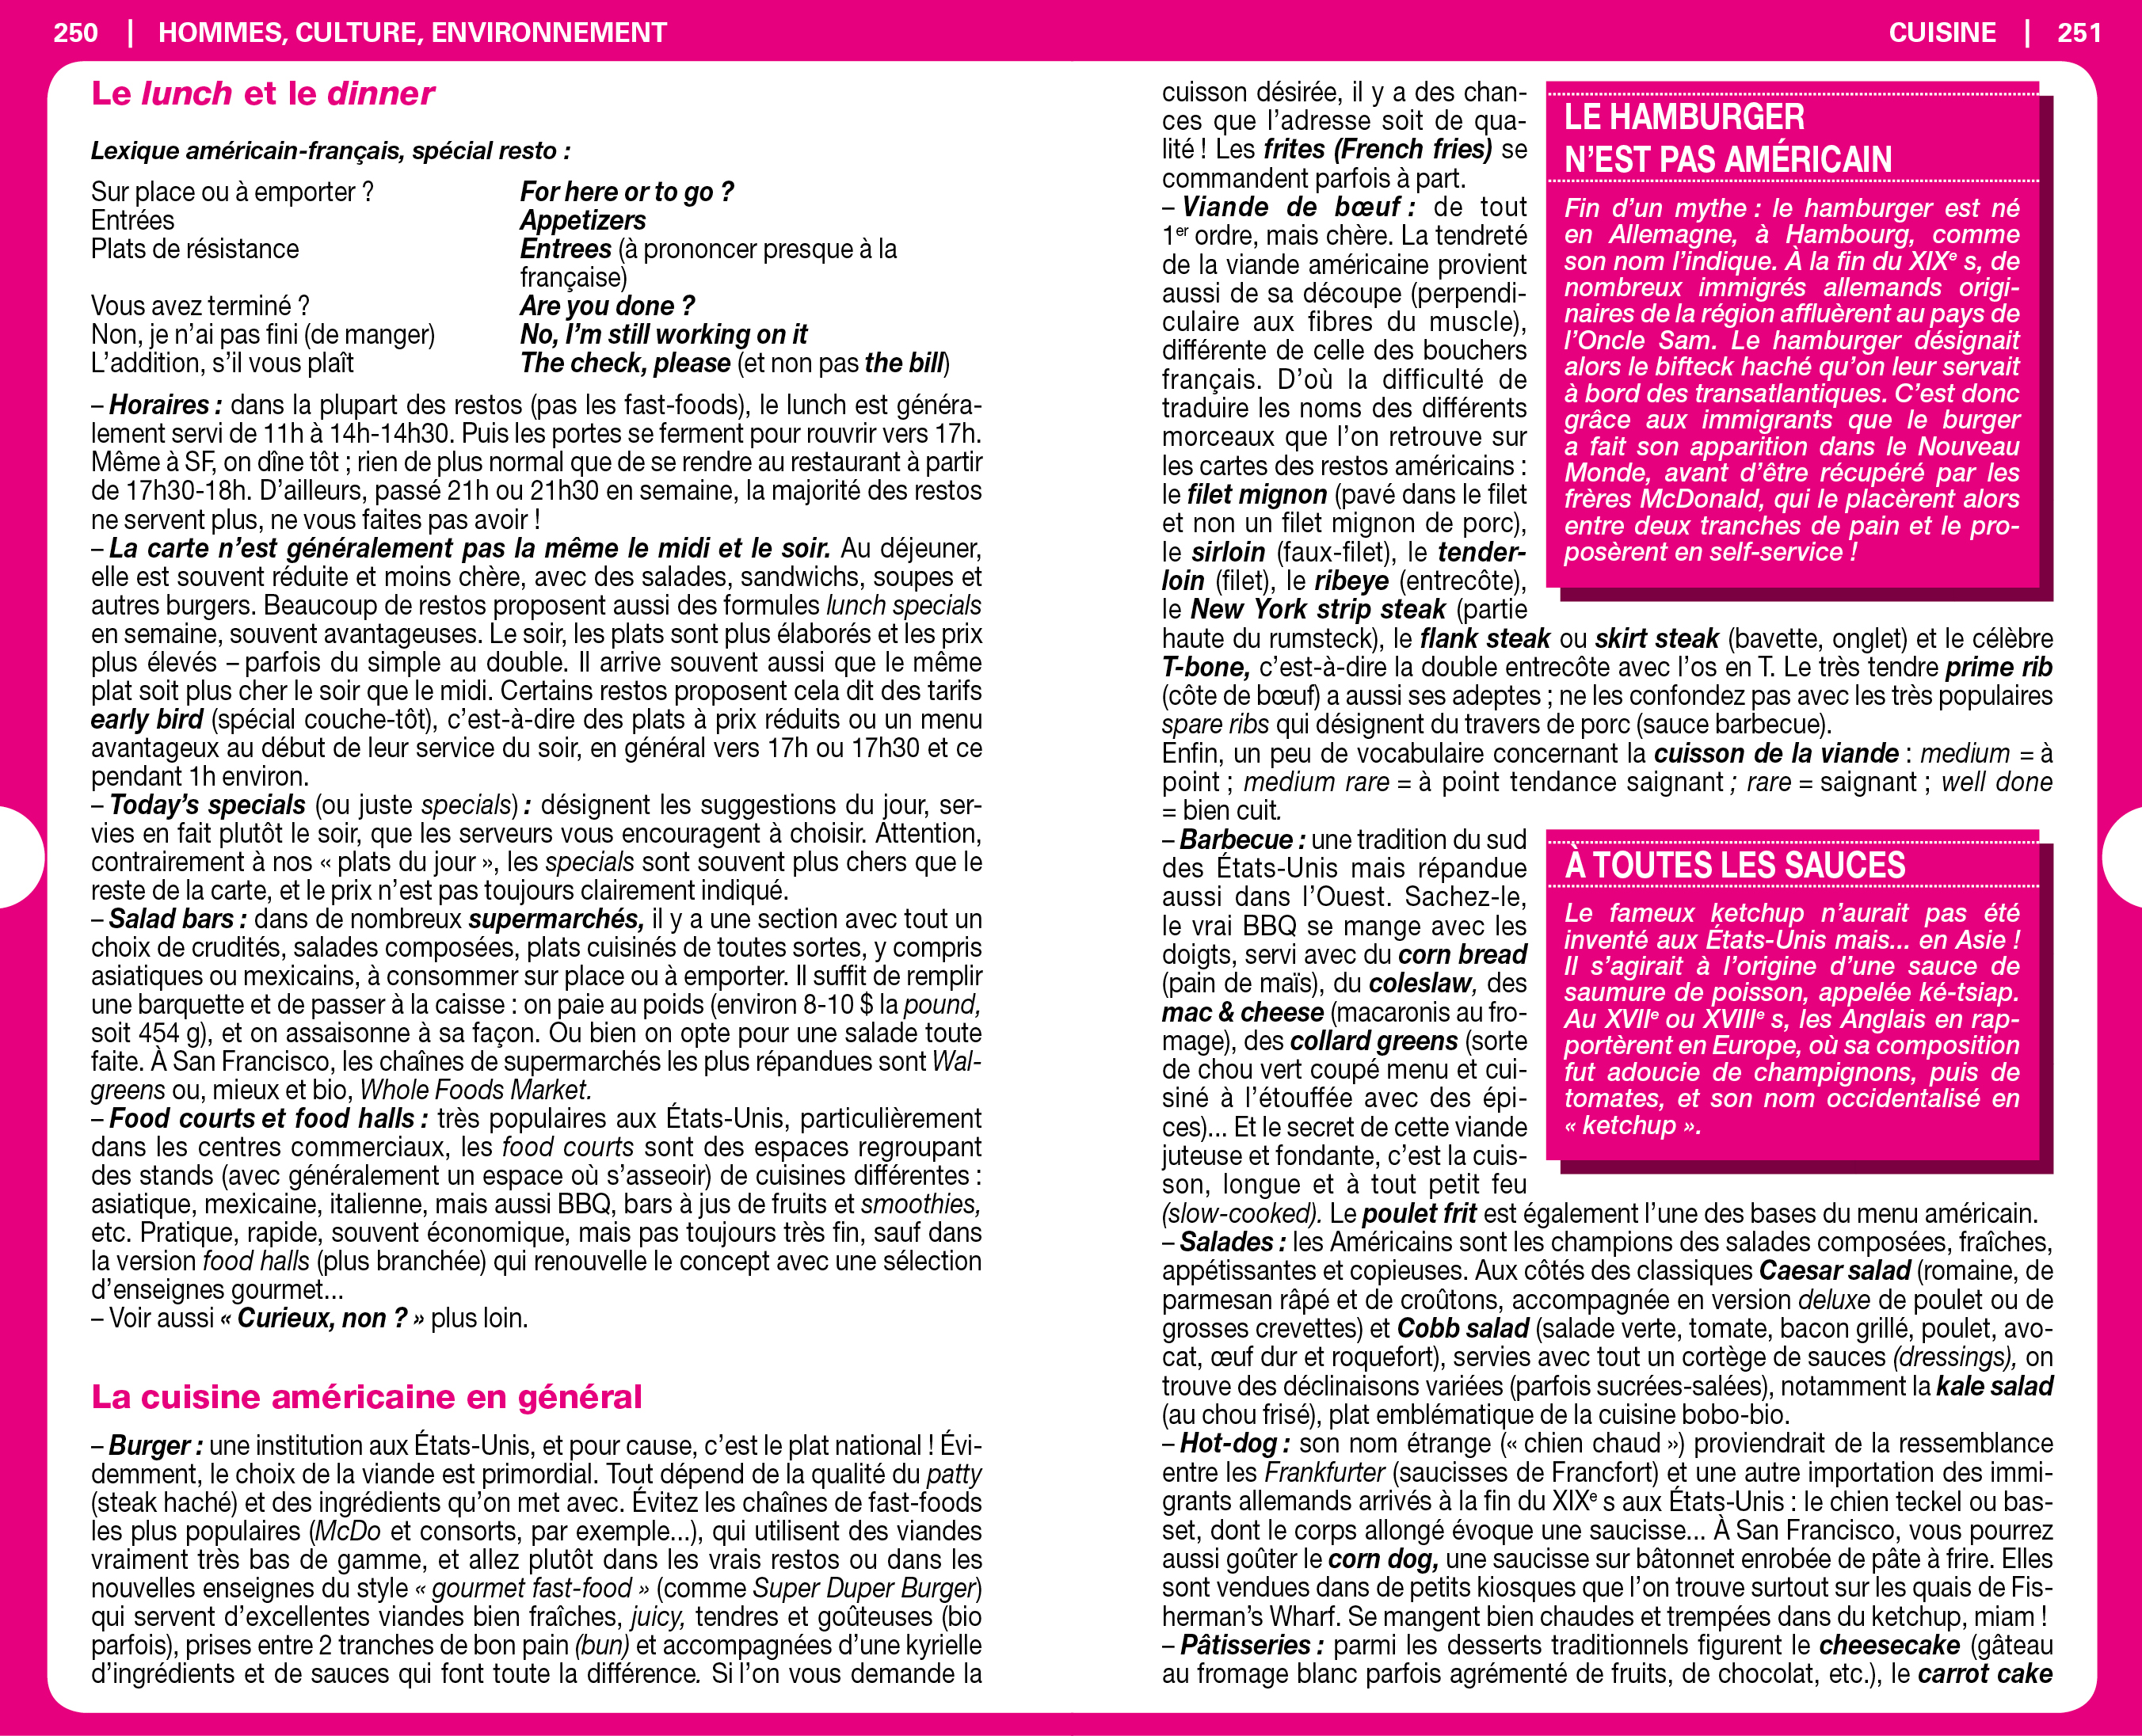 Guide du Routard San Francisco 2020/21 hachette.fr